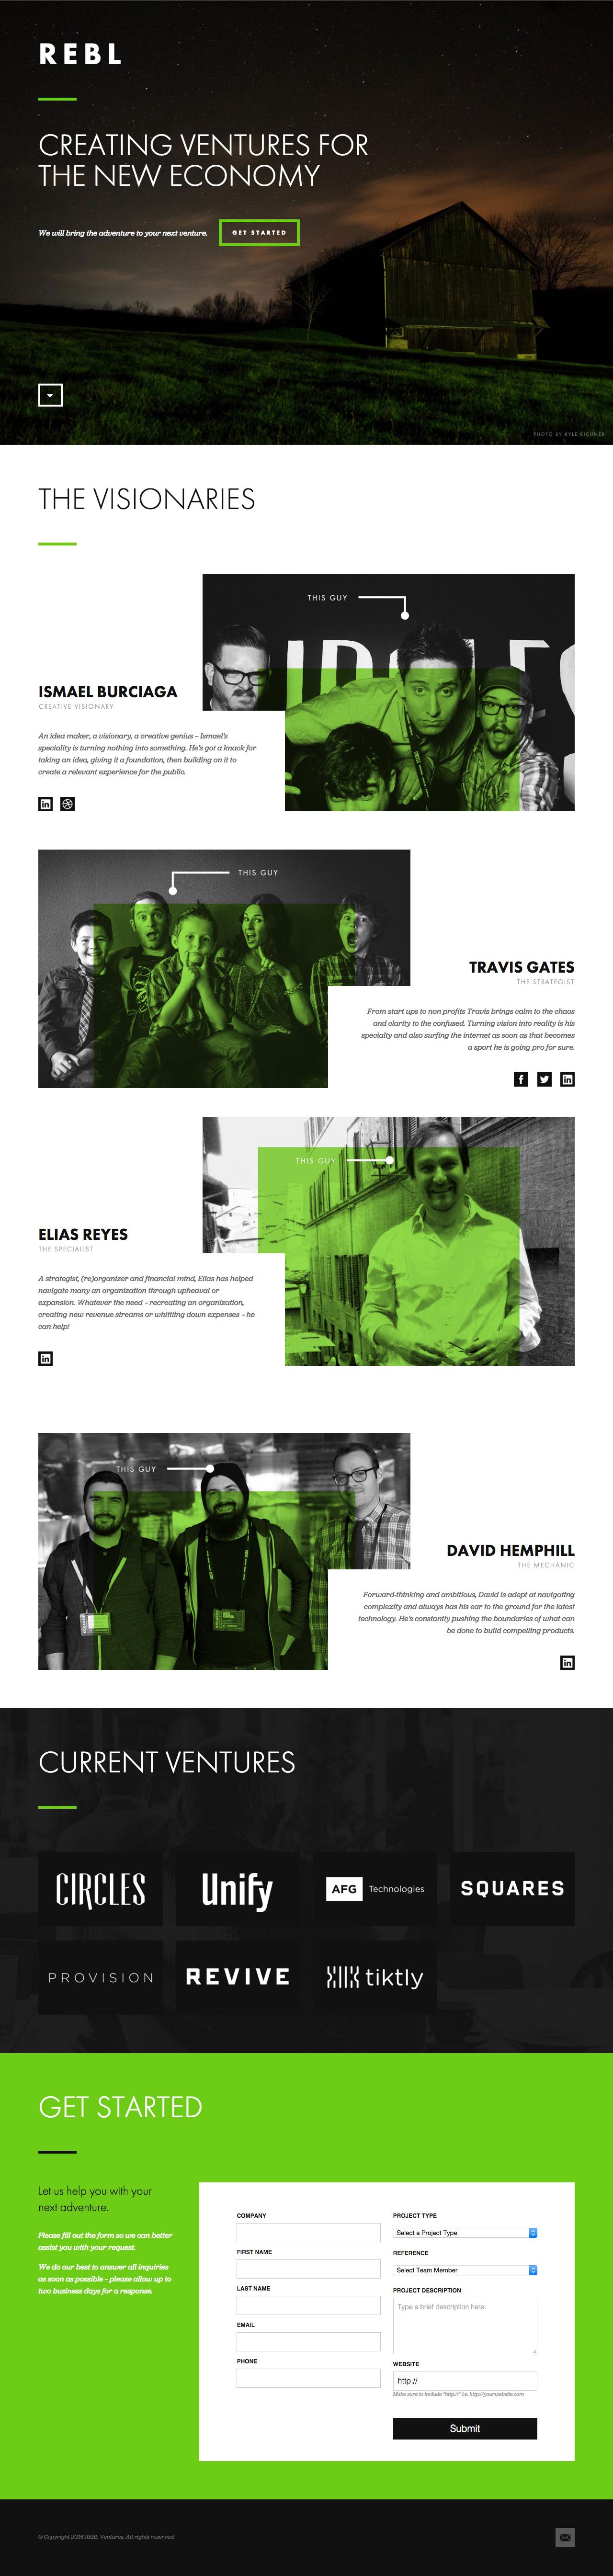 REBL Ventures Website Screenshot